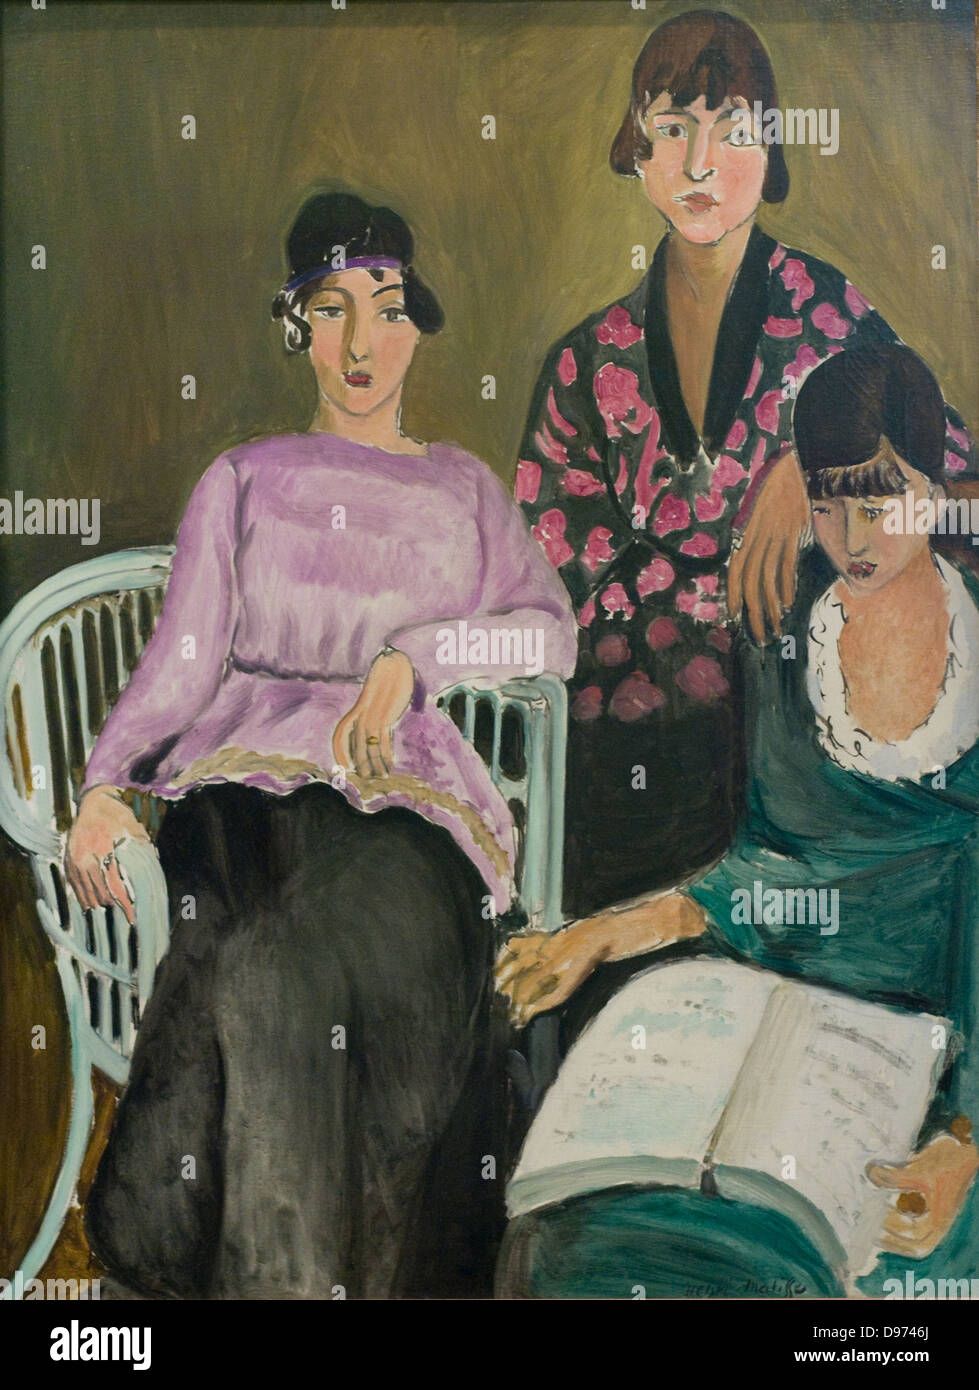 Henri Matisse Les Trois Soeurs 1916-17 XX th Century Paris Orangerie Museum - Stock Image